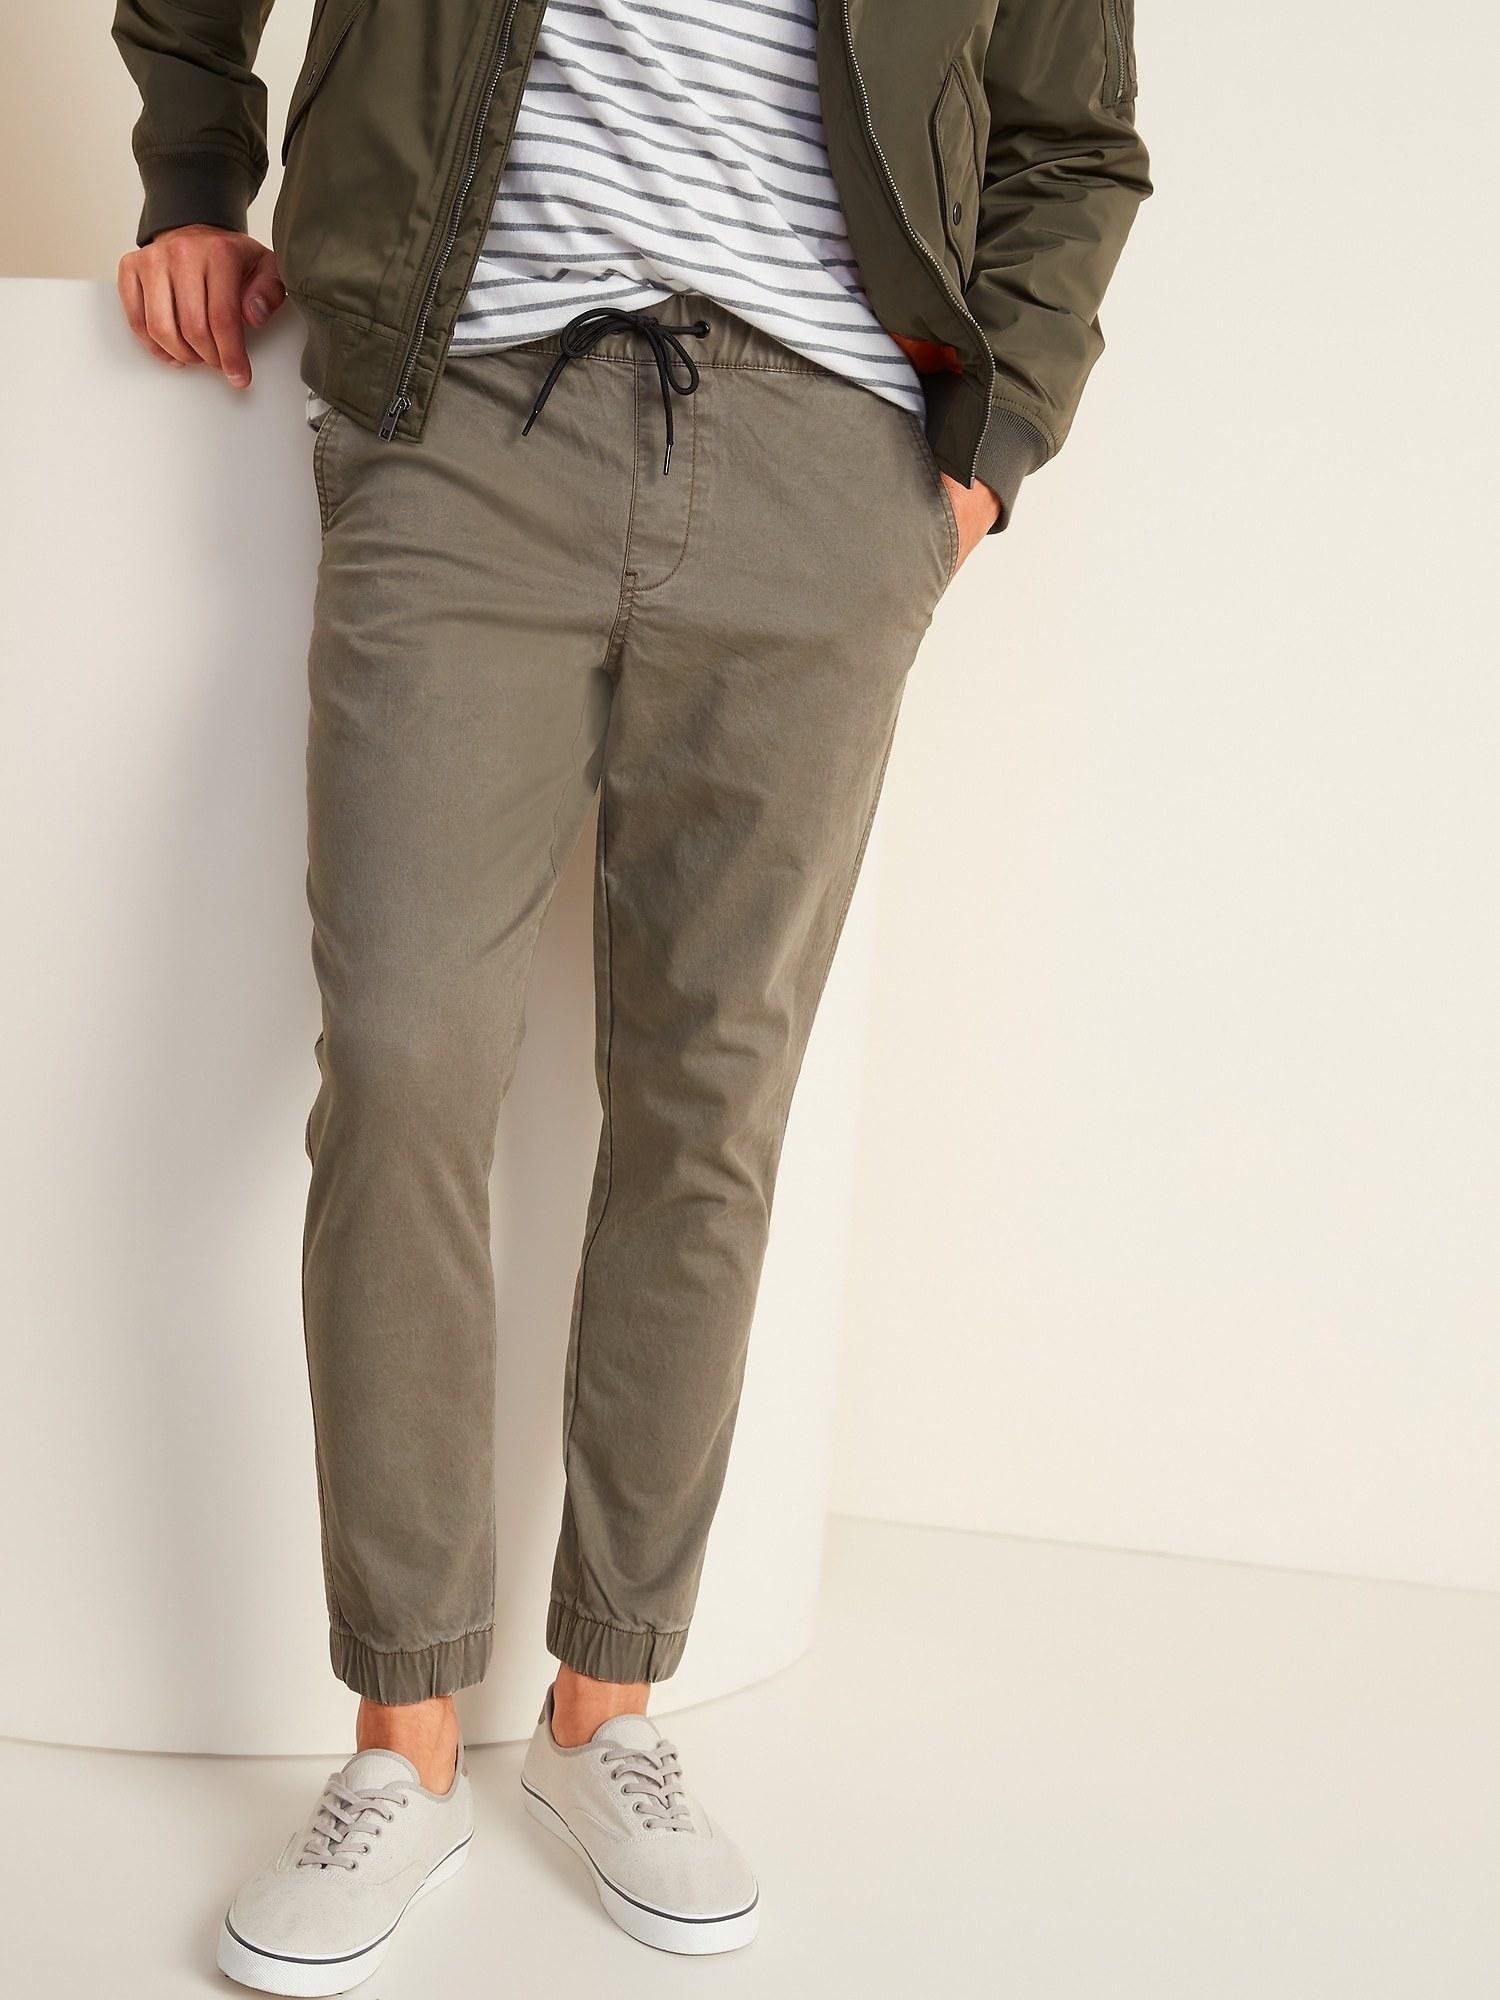 model wearing built-in flex jogger pants in weimaraner